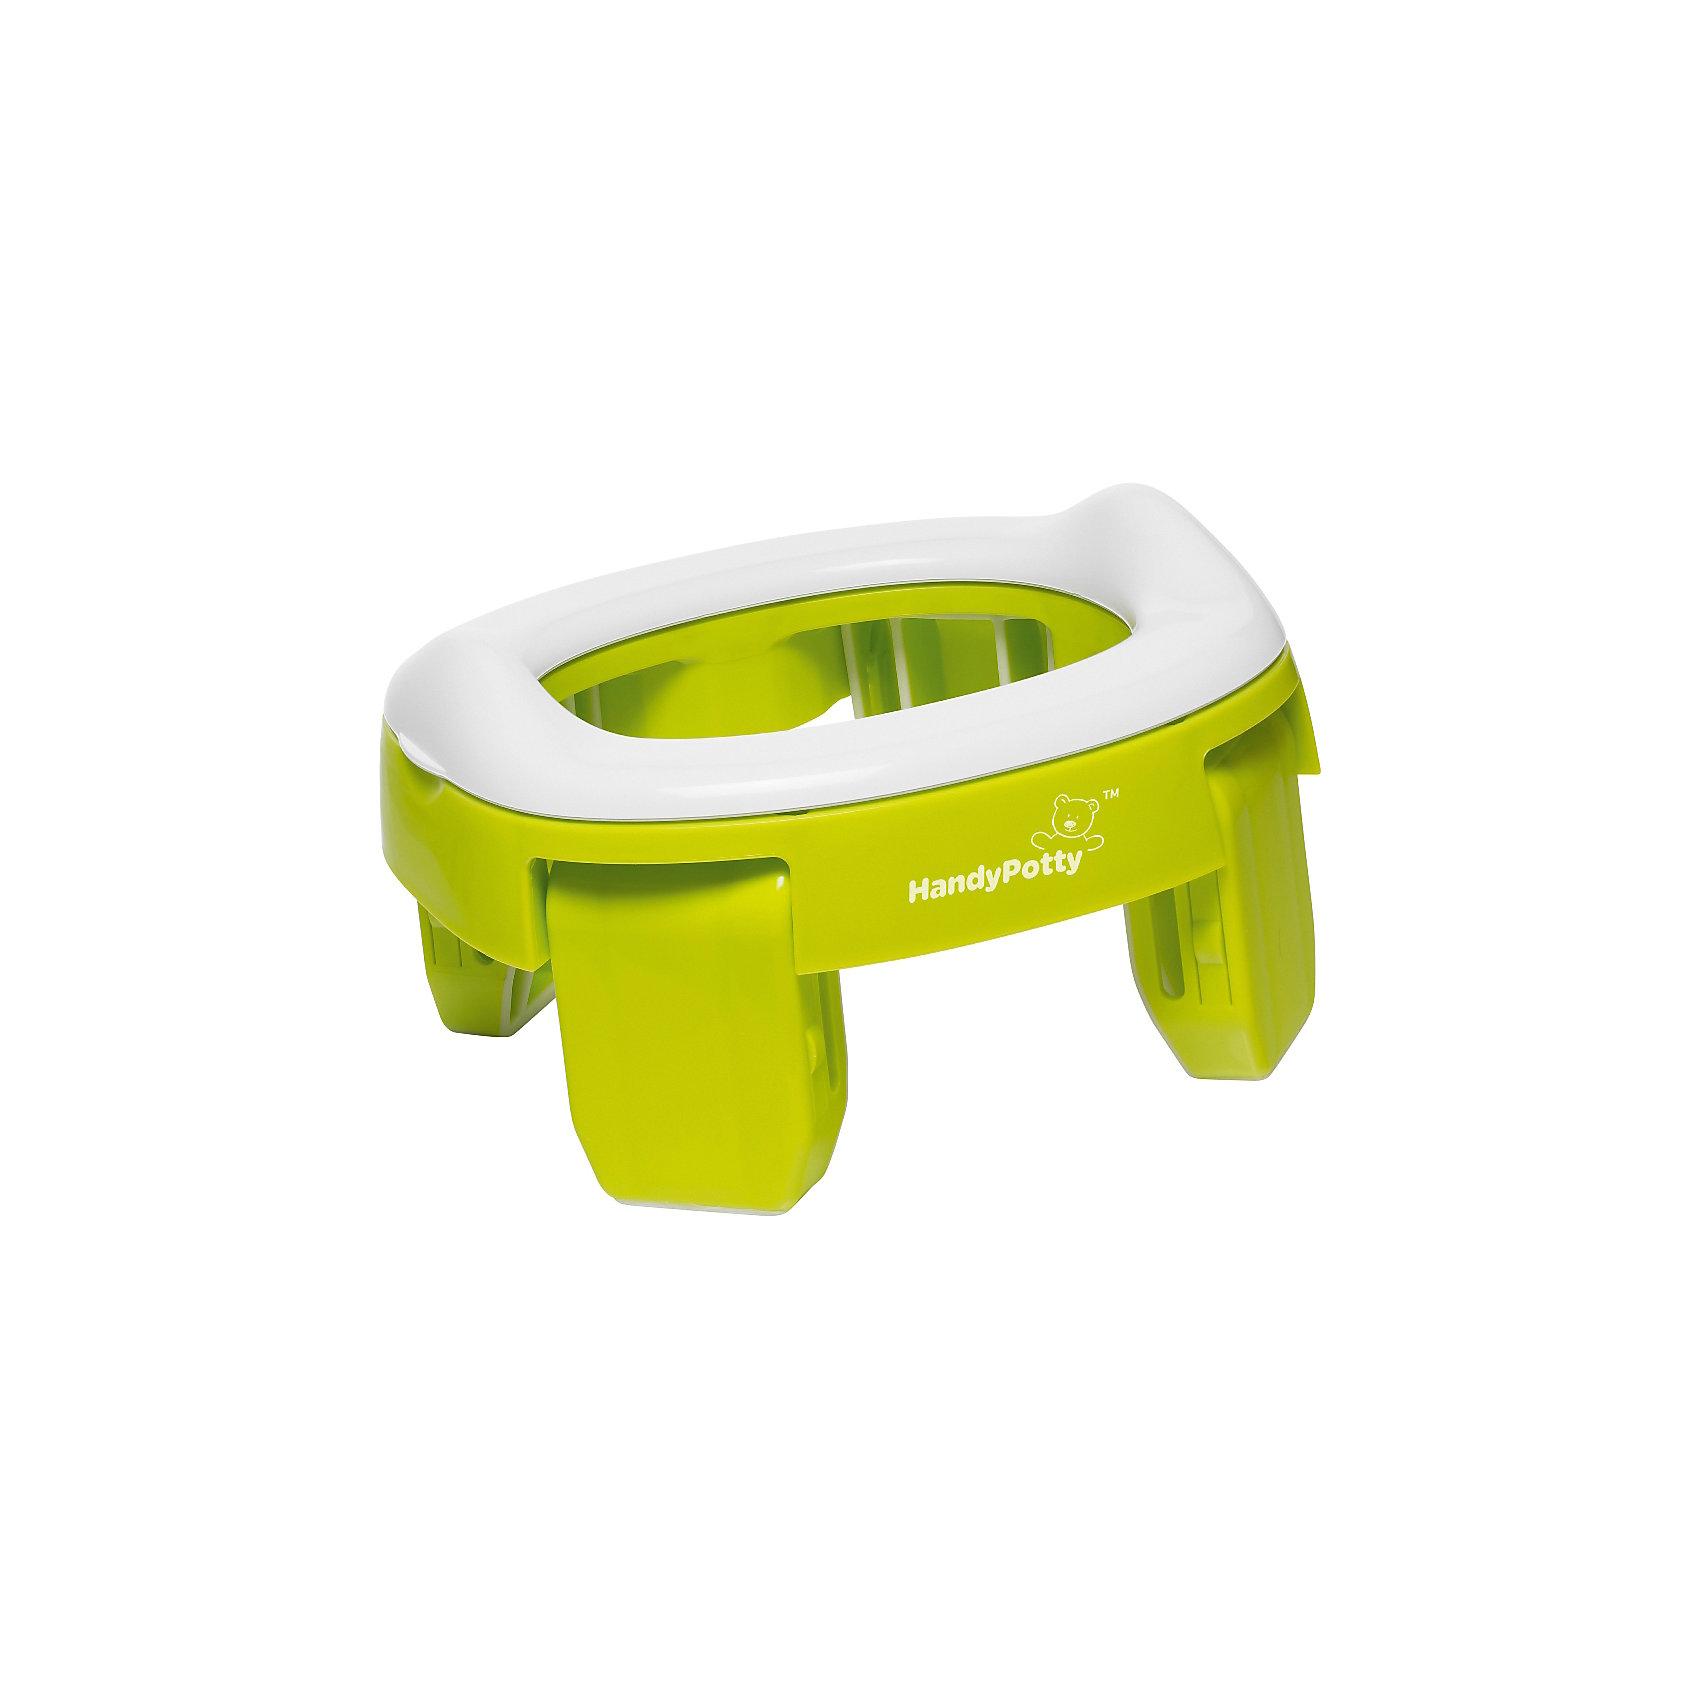 Дорожный горшок и насадка на унитаз, HandyPotty , лаймГоршки, сиденья для унитаза, стульчики-подставки<br>Прогулки и путешествия с ребенком станут намного комфортнее с дорожным горшком HandyPotty. Это простое приспособление сочетает в себе функции трех аксессуаров: обычного горшка, дорожного горшка и адаптера для унитаза, что позволяет использовать HandyPotty длительное время.<br>Многофункциональность складного горшка обеспечивает продуманная конструкция: широкое пластиковое сиденье установлено на четыре широкие устойчивые ножки. Сиденье имеет небольшой барьер, предотвращающий разбрызгивание. Чтобы выбрать нужную функцию, достаточно изменить положение ножек и воспользоваться дополнительными аксессуарами, такими как силиконовая вкладка. Итак, горшок HandyPotty может функционировать в качестве трех полноценных предметов детской гигиены: обычный горшок, складной дорожный горшок, адаптер на унитаз.Дорожный горшок HandyPotty имеет несколько важных преимуществ:<br>Дорожный горшок – используется со специальными одноразовыми сменными пакетами, которые устанавливаются на место вкладки, а после использования просто утилизируются, как подгузники. Пакеты кладутся под сиденье, так что ребенок не испытывает никаких дискомфортных ощущений. Для удобства переноски ножки горшка складываются внутрь, так что приспособление занимает минимум места. <br>Адаптер на унитаз. Вы можете использовать HandyPotty в качестве детского сиденья на унитаз, просто развернув ножки в стороны до упора. Это<br>позволяет ребенку безопасно сидеть на взрослом унитазе, а само сиденье предотвращает контакт с бактериями, обитающими на крышке унитаза.<br>Легкая, но прочная конструкция. Горшок выполнен аккуратно и надежно, поэтому он не сломается даже после многократного использования.<br>Возможность использовать где угодно. <br>Компактность в сложенном виде. Горшок HandyPotty легко поместится даже в небольшую сумку.<br>Небольшой вес. Вы сможете отправиться на прогулку или в путешествие налегке, так как почти неве